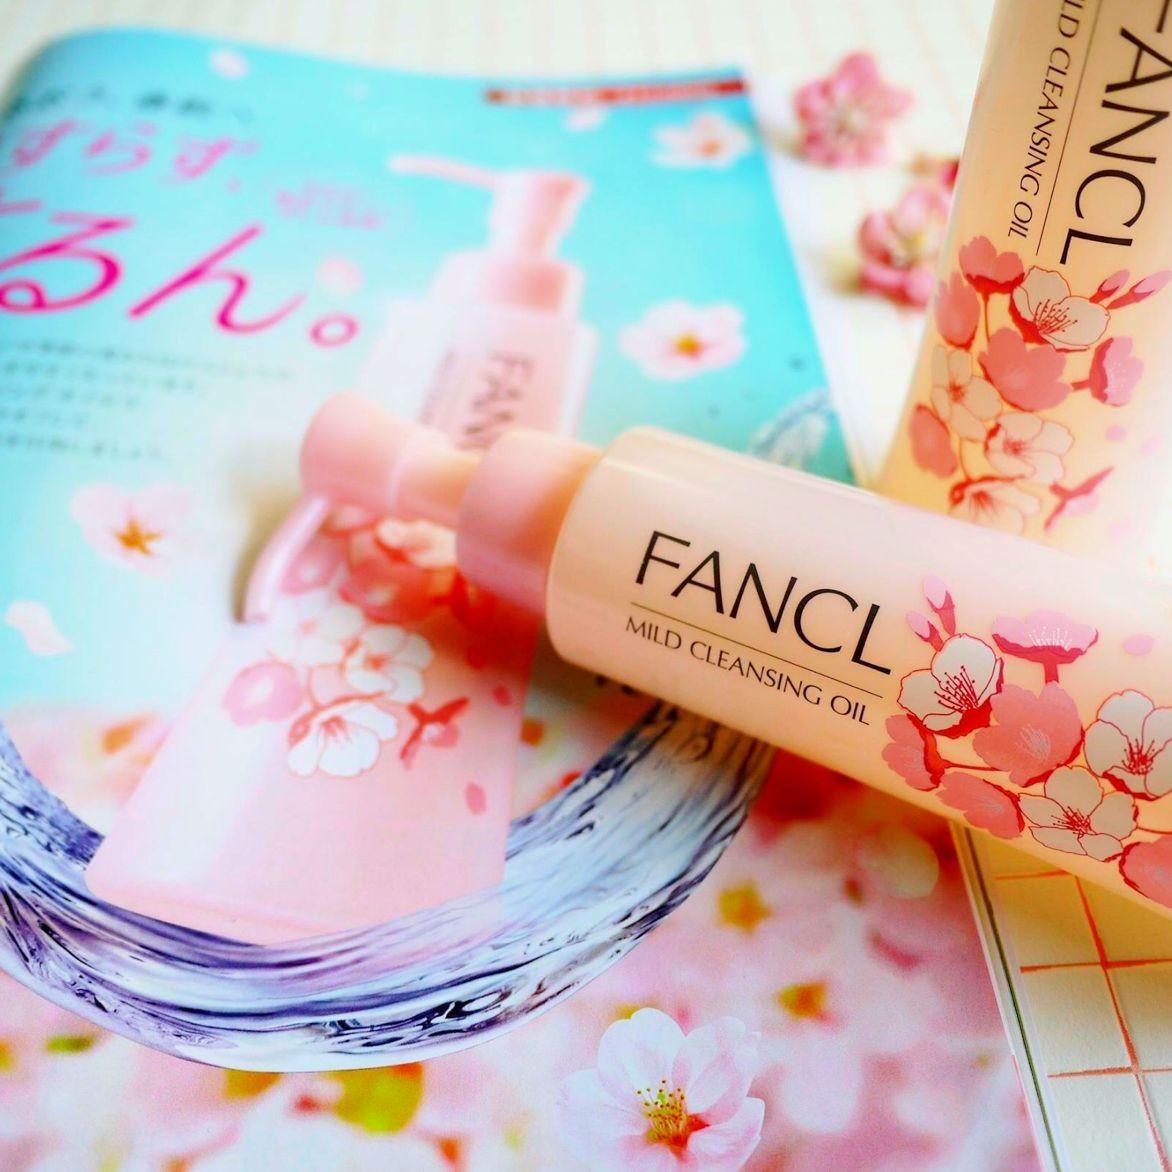 驚異の洗浄力【なで洗い】で本当に落ちる!試すなら【限定】桜パッケージの今!